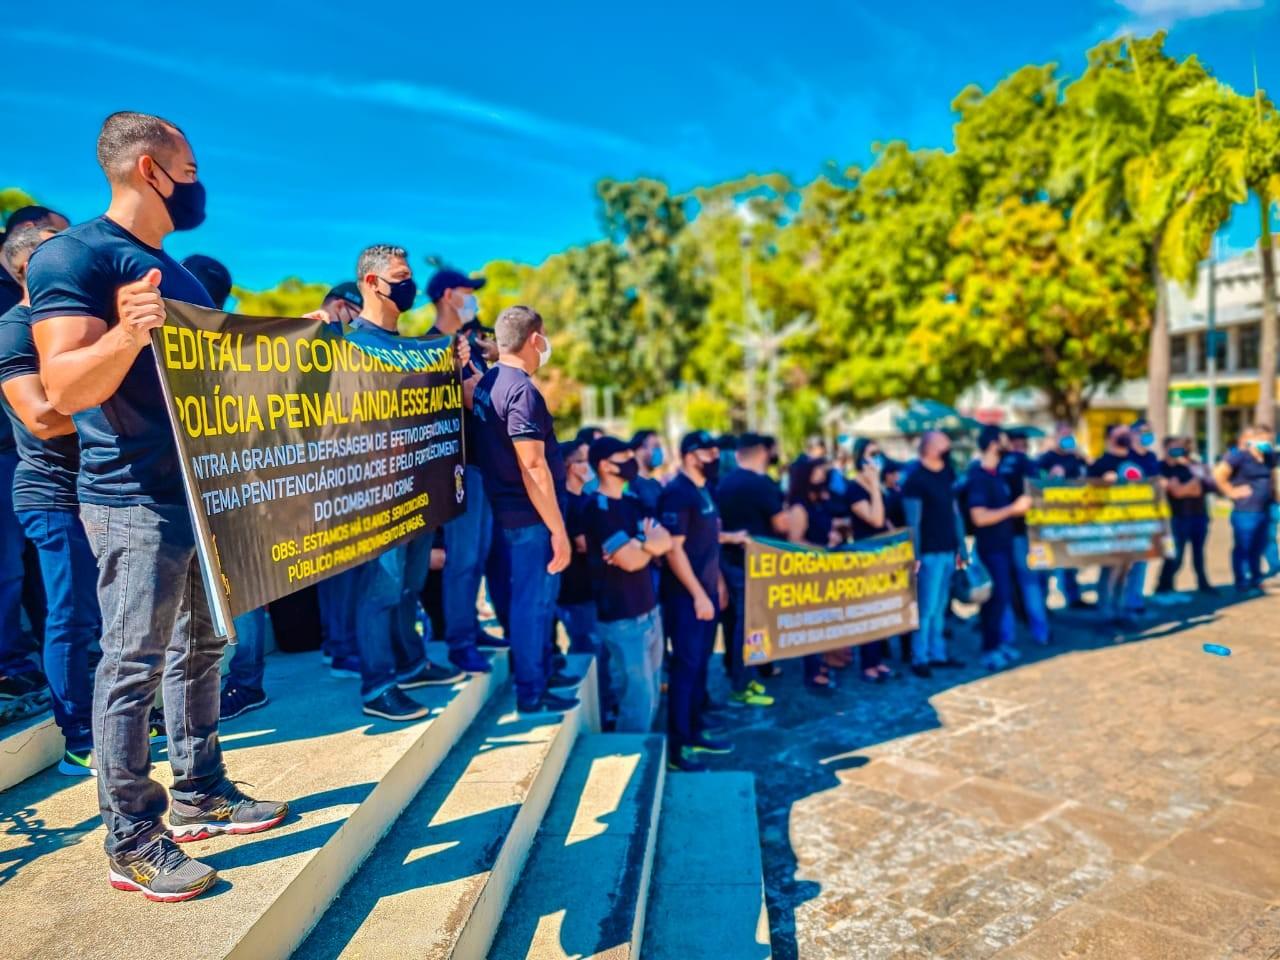 Policiais penais fazem ato em Rio Branco e pedem incorporação salarial e concurso público